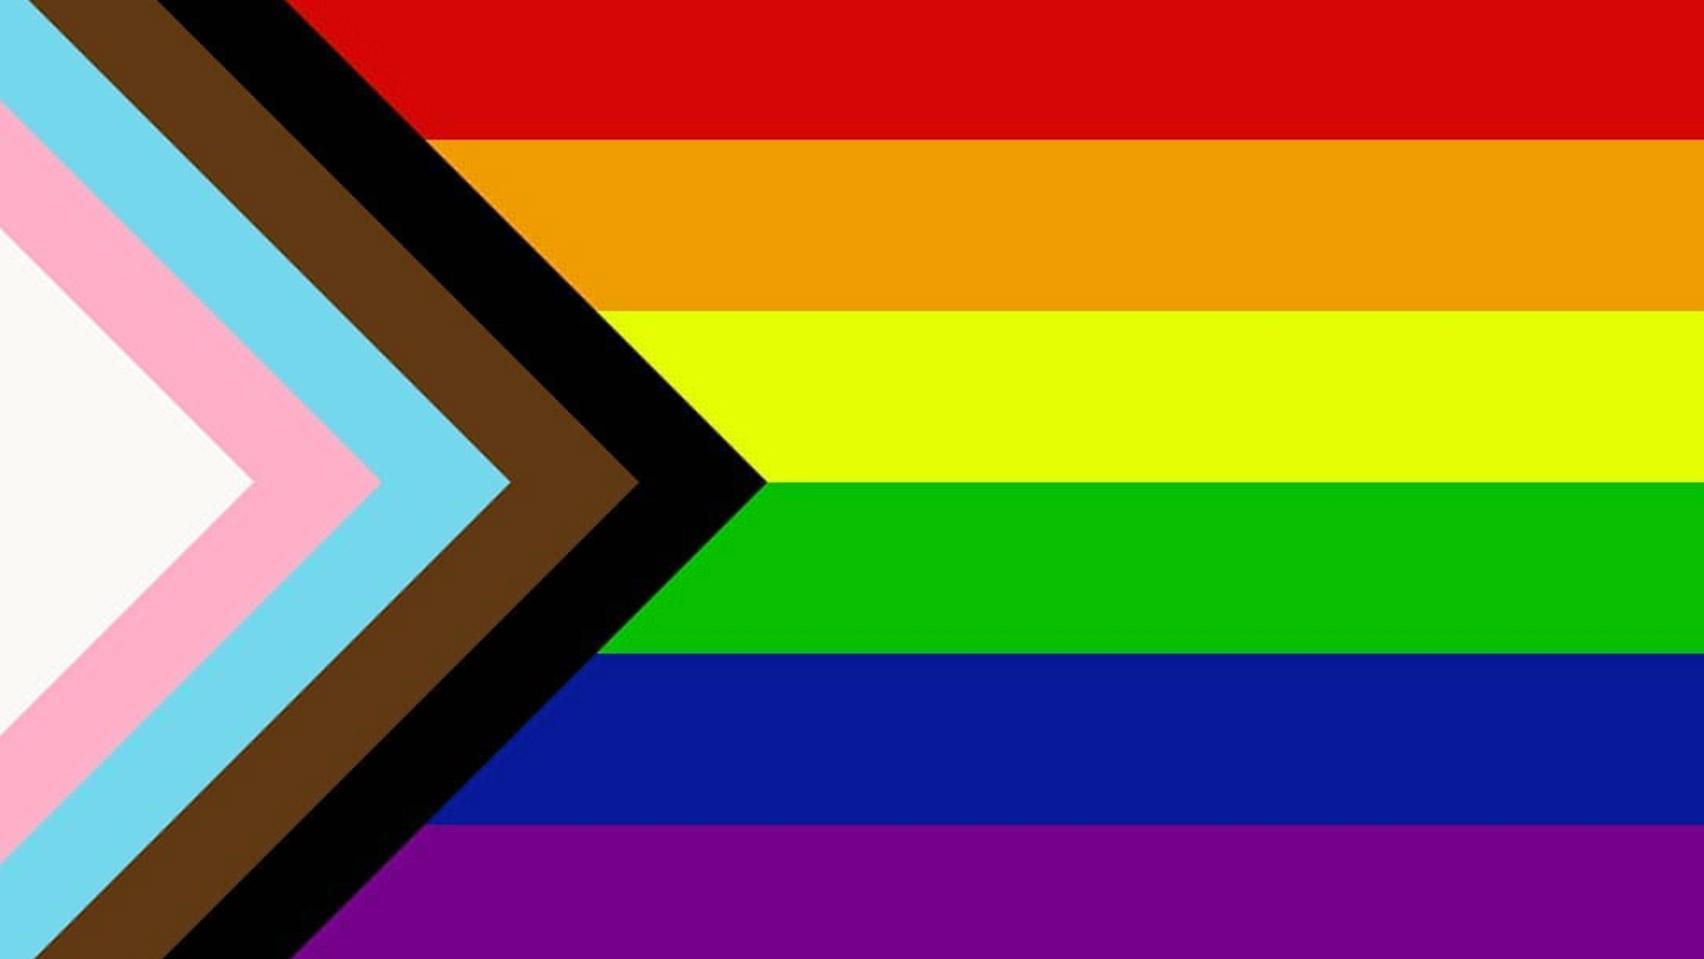 Rainbow and Trans flag